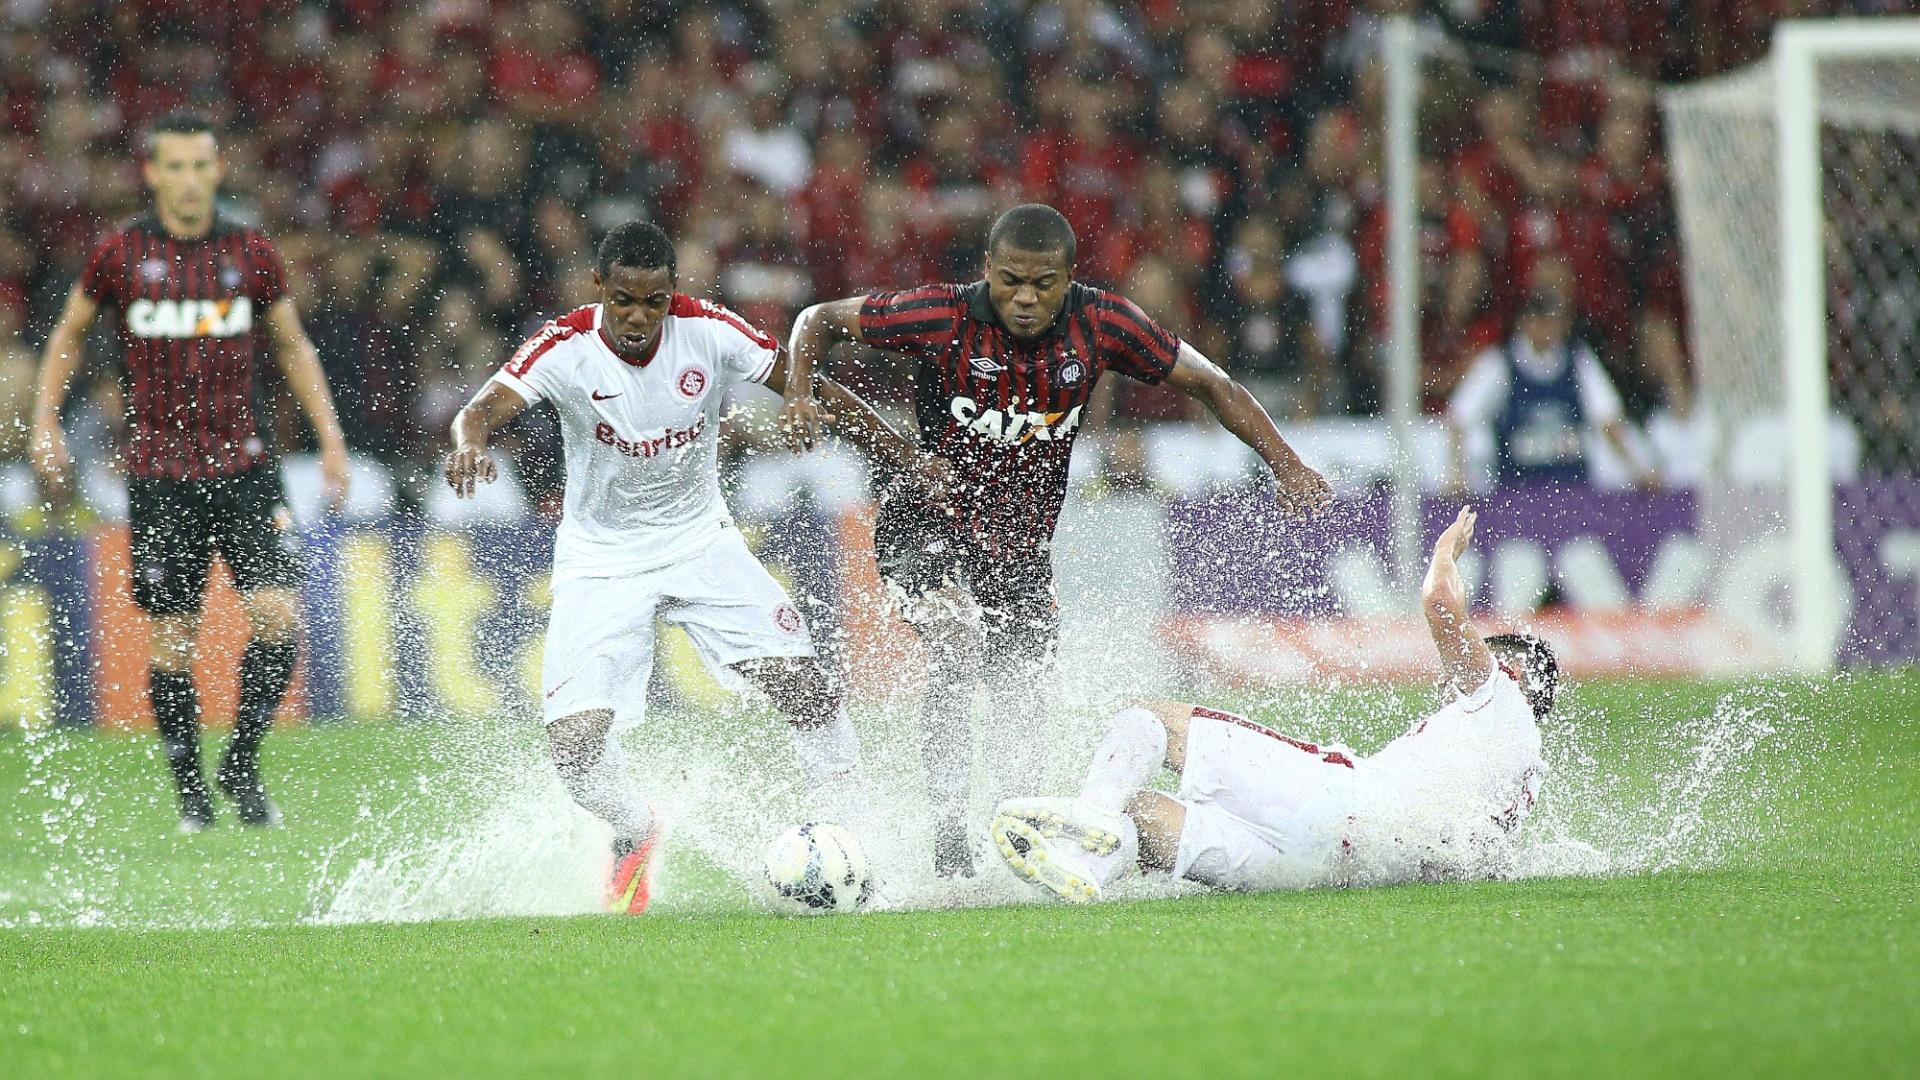 Jogadores de Internacional e Atlético-PR enfrentam dificuldades com as poças d'água na Arena da Baixada